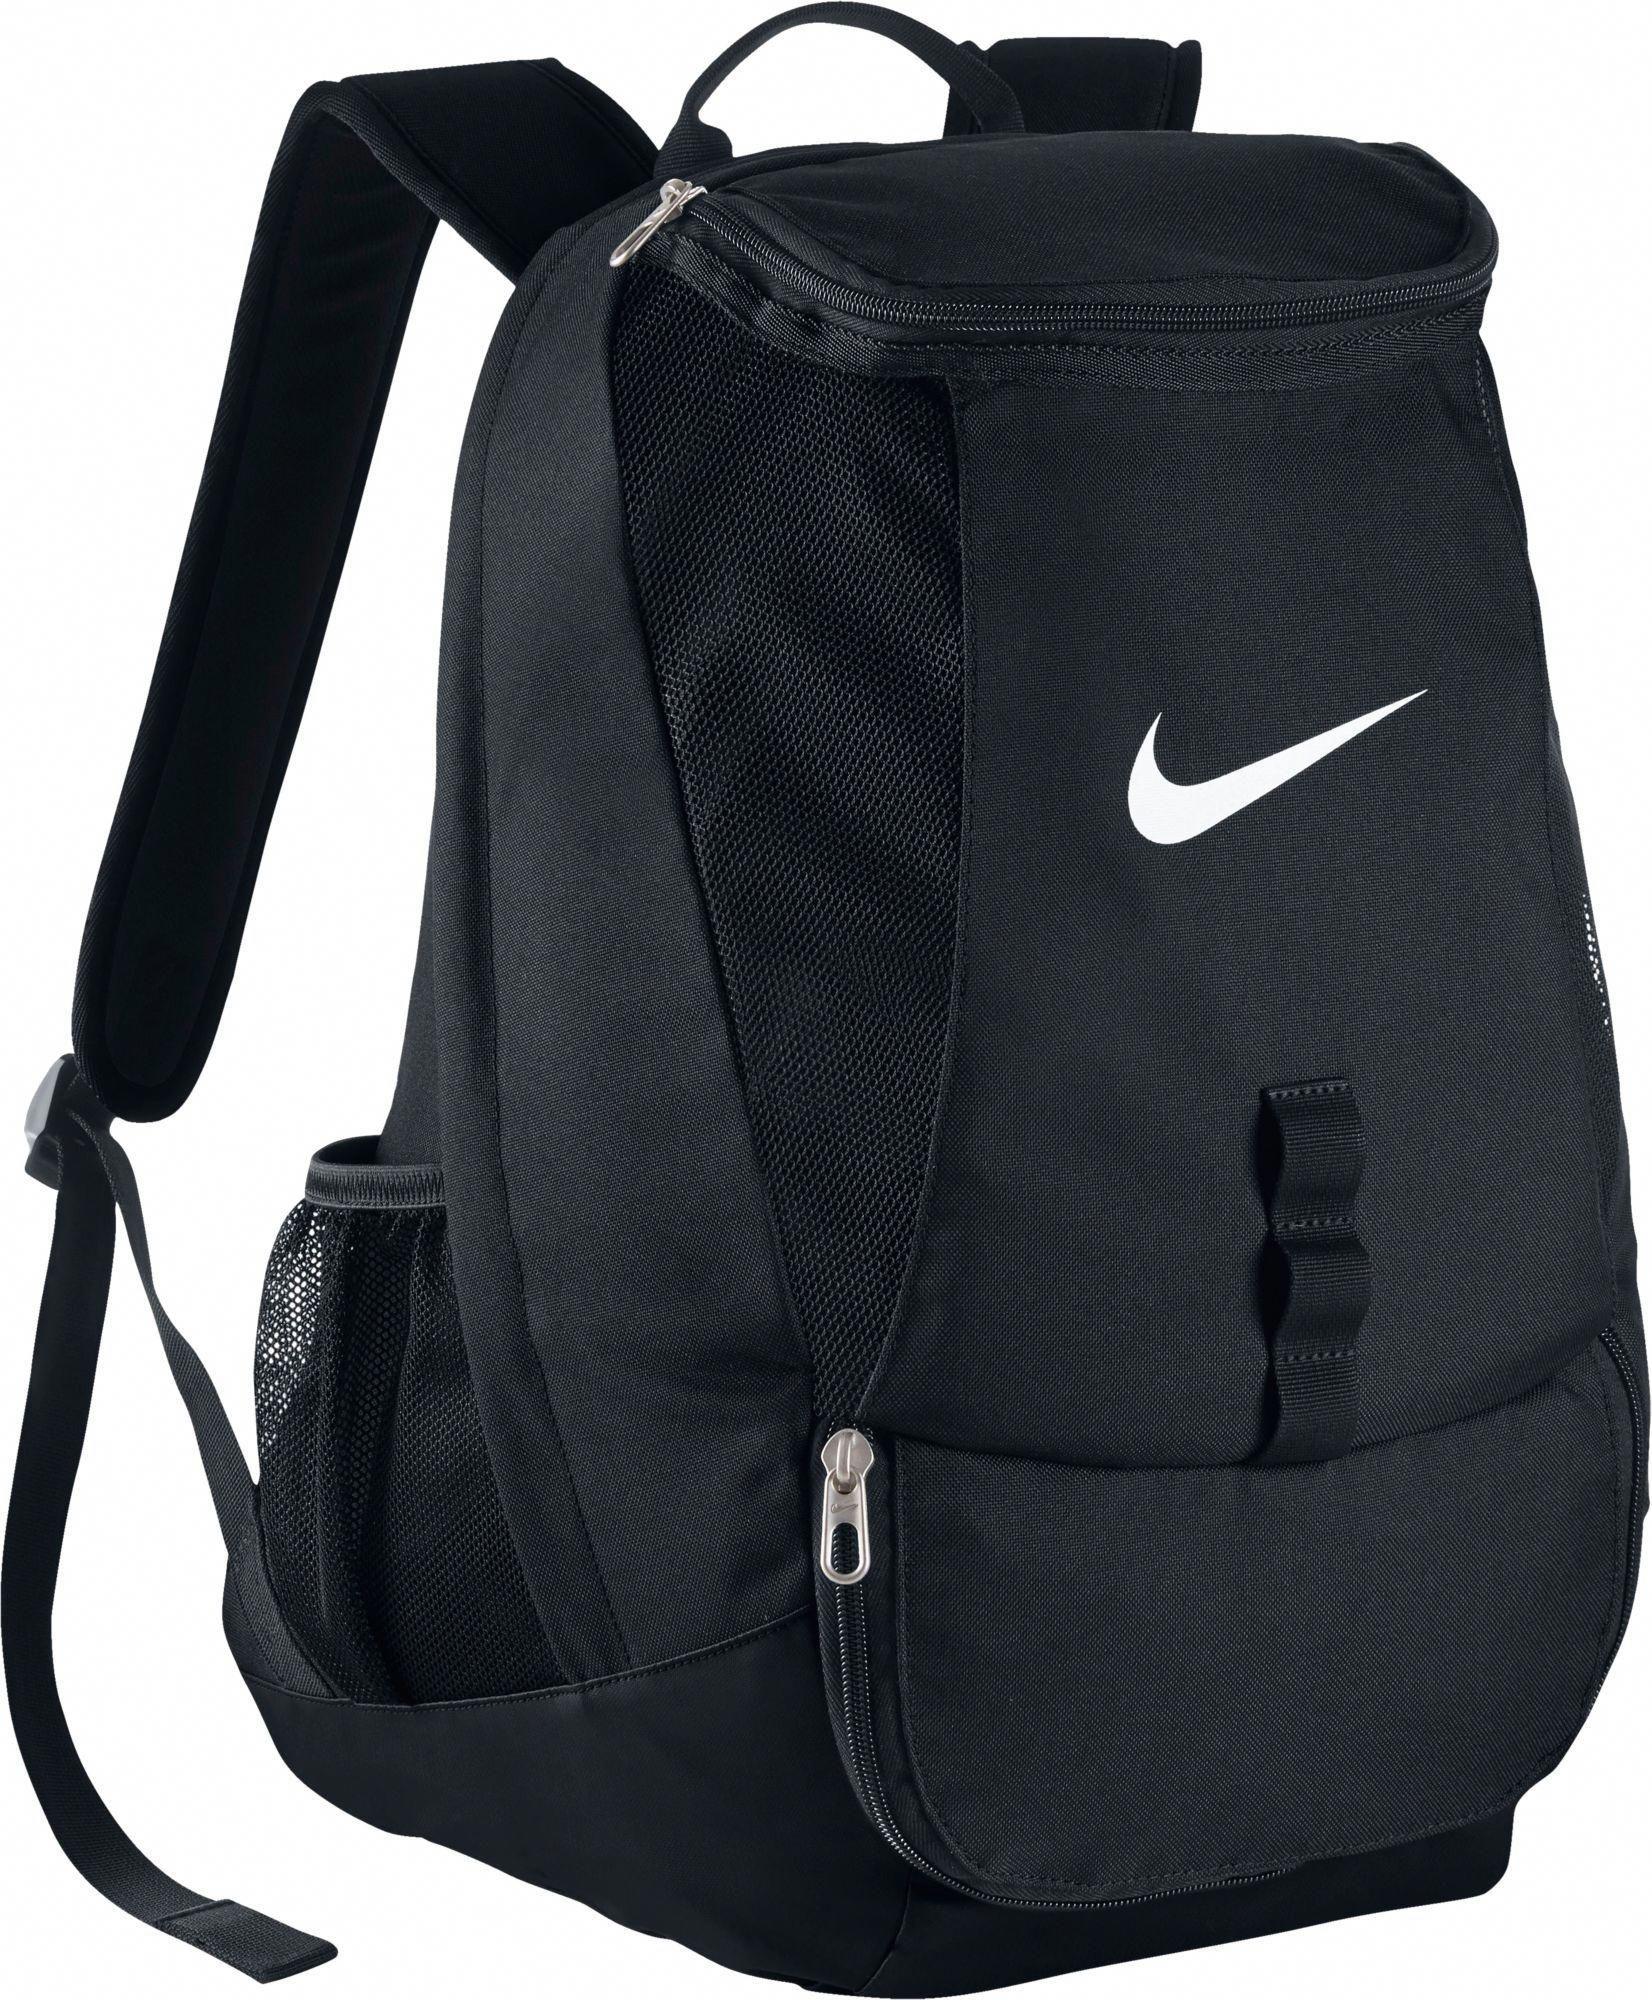 Nike Club Team Swoosh Soccer Backpack Black Basketballclub Soccer Backpack Basketball Backpack Nike Kd Backpack